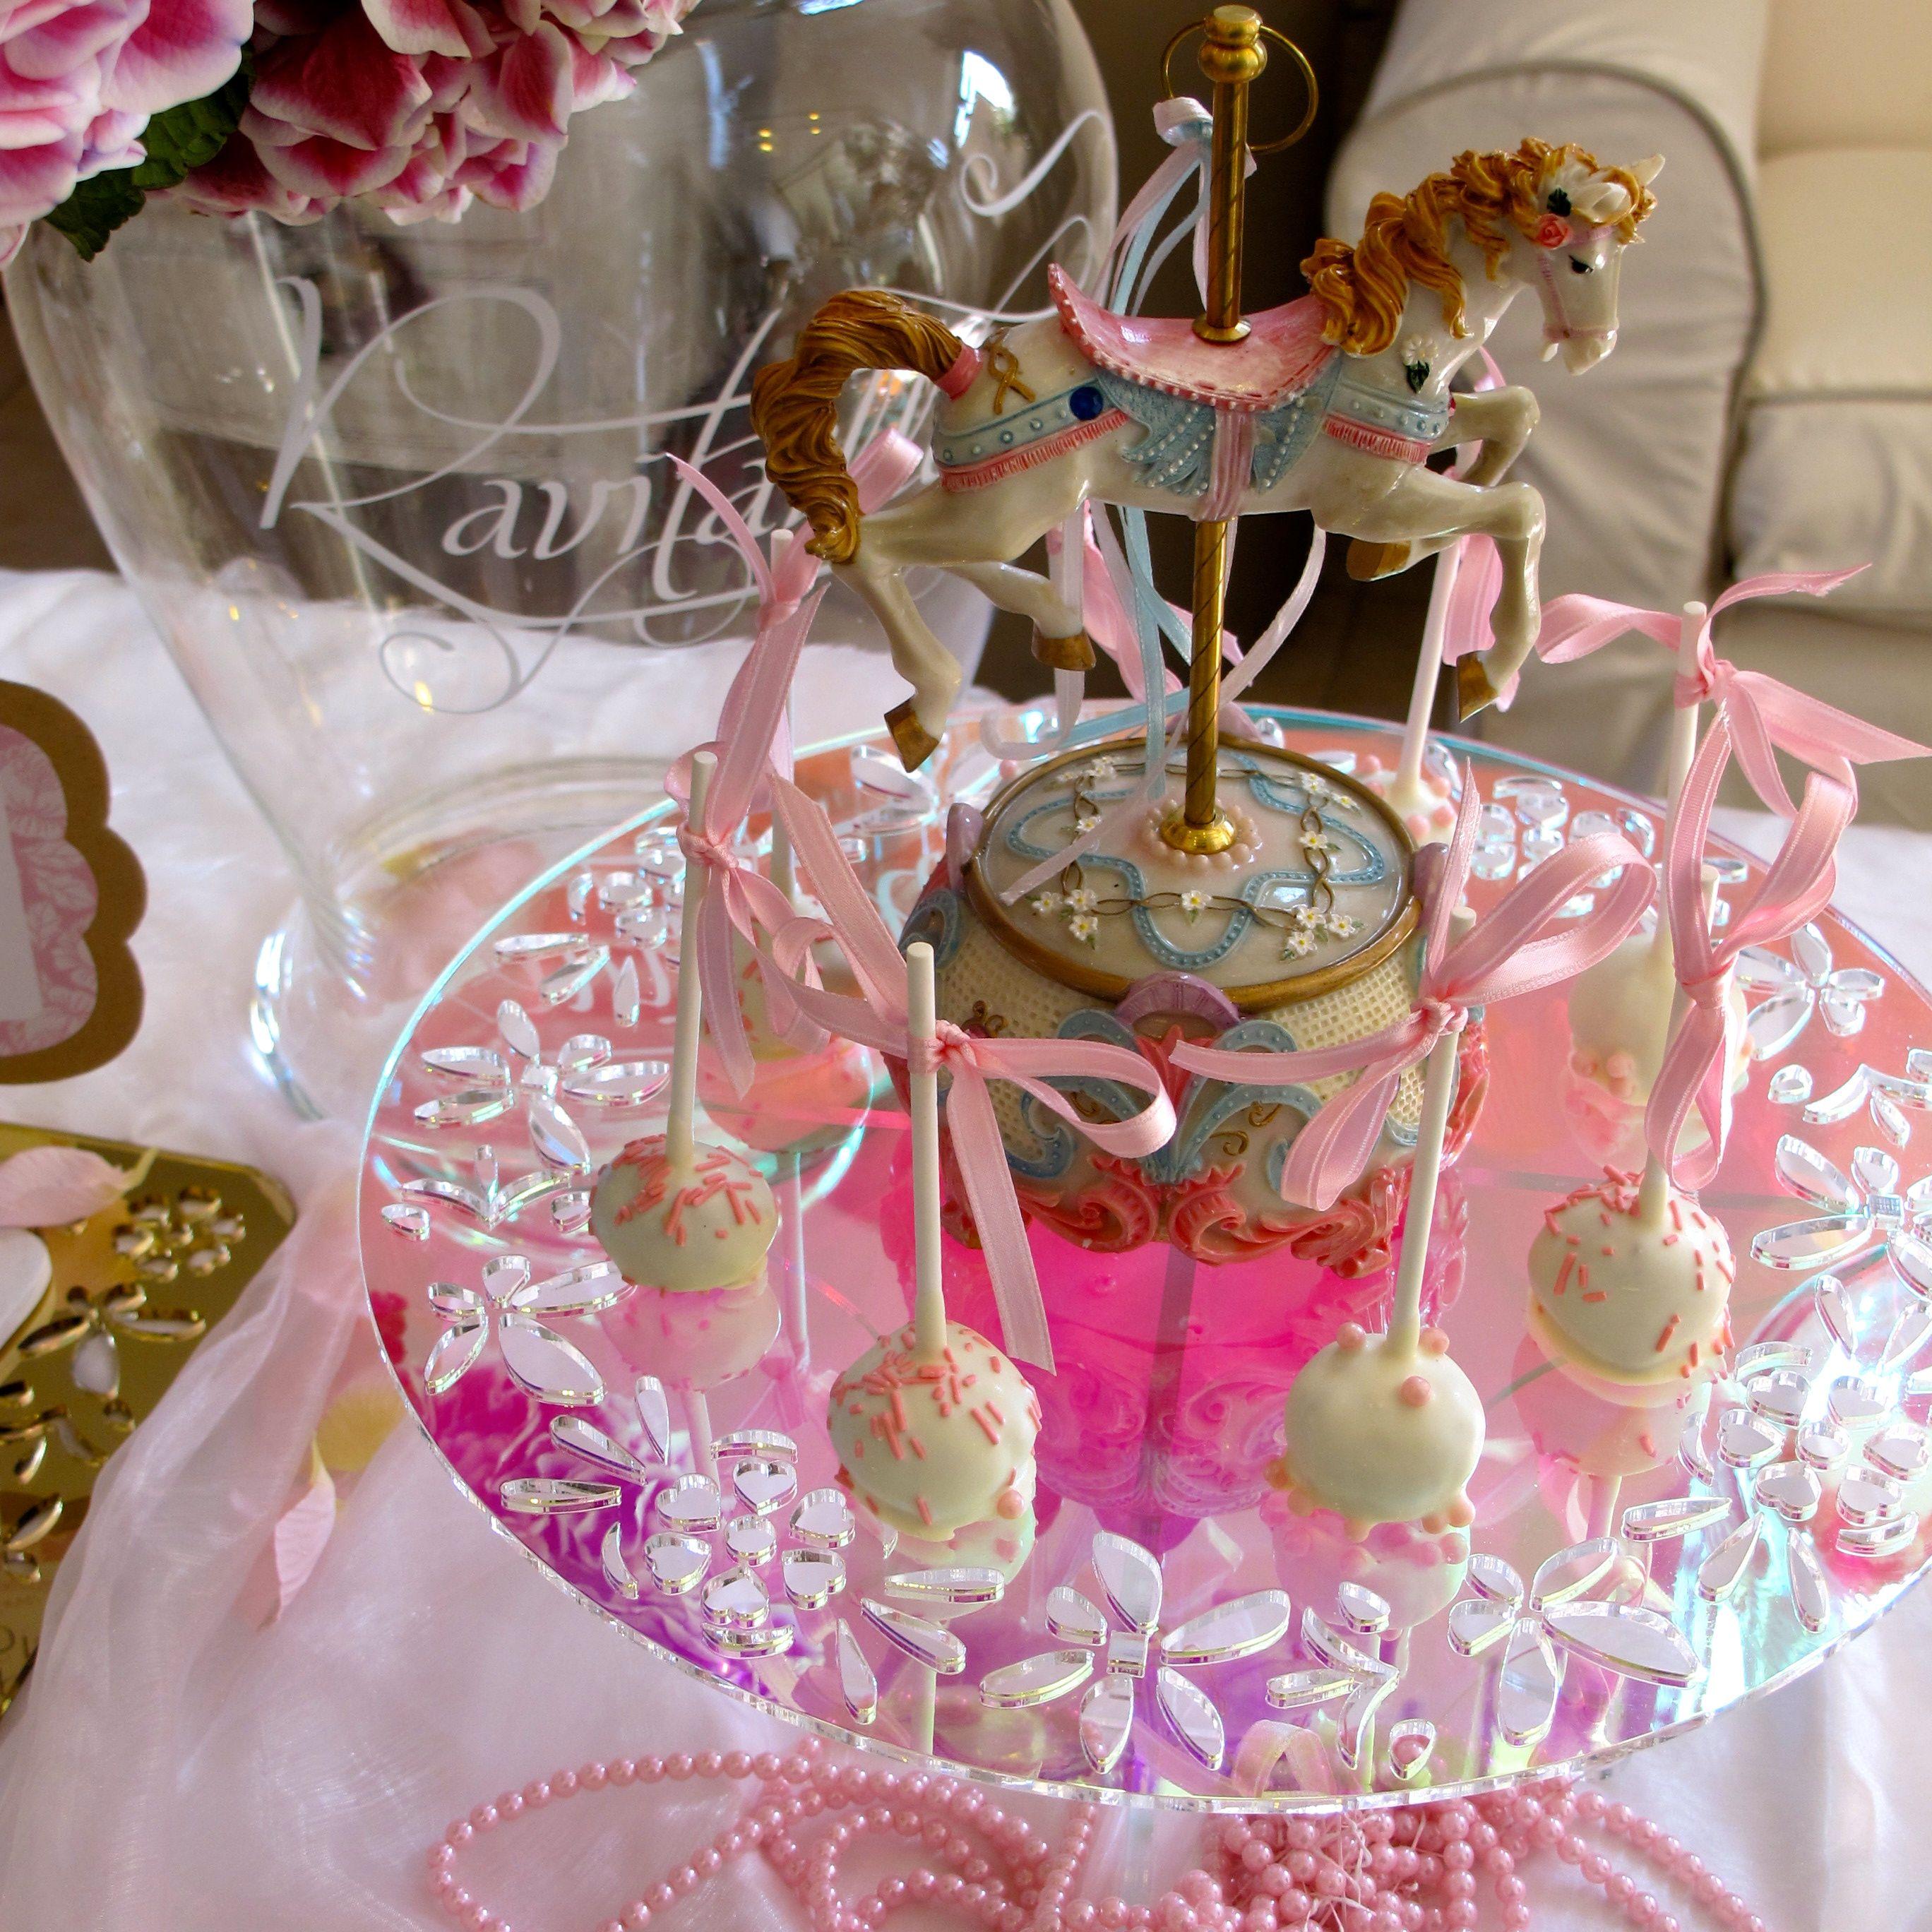 Vintage tea party decorations weddings pinterest for Tea party decoration ideas